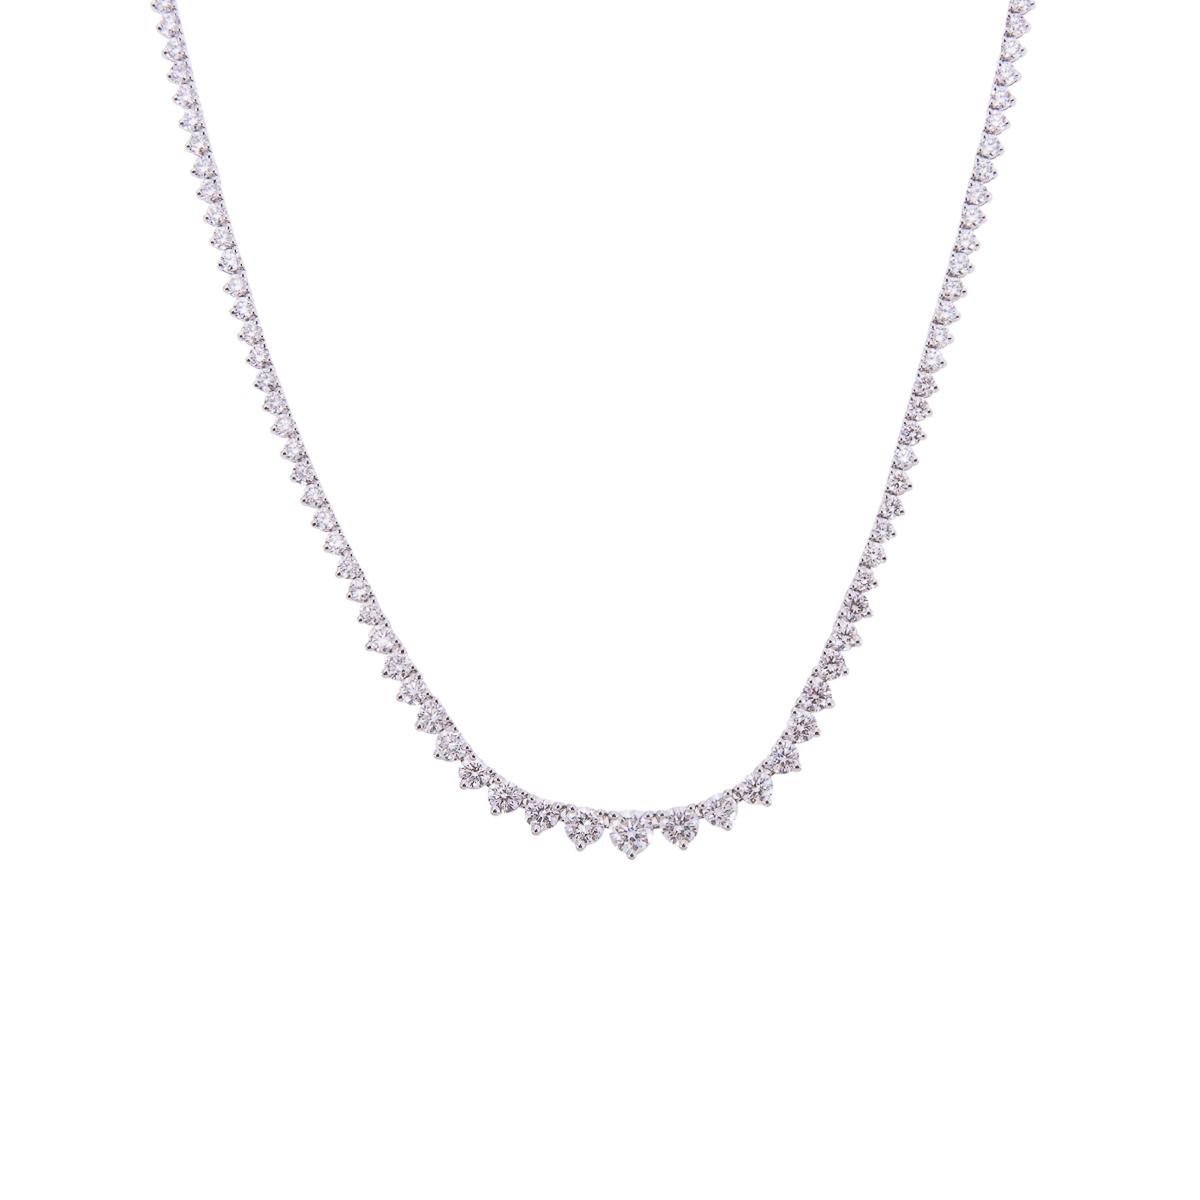 7.44ct-diamond-set-necklet